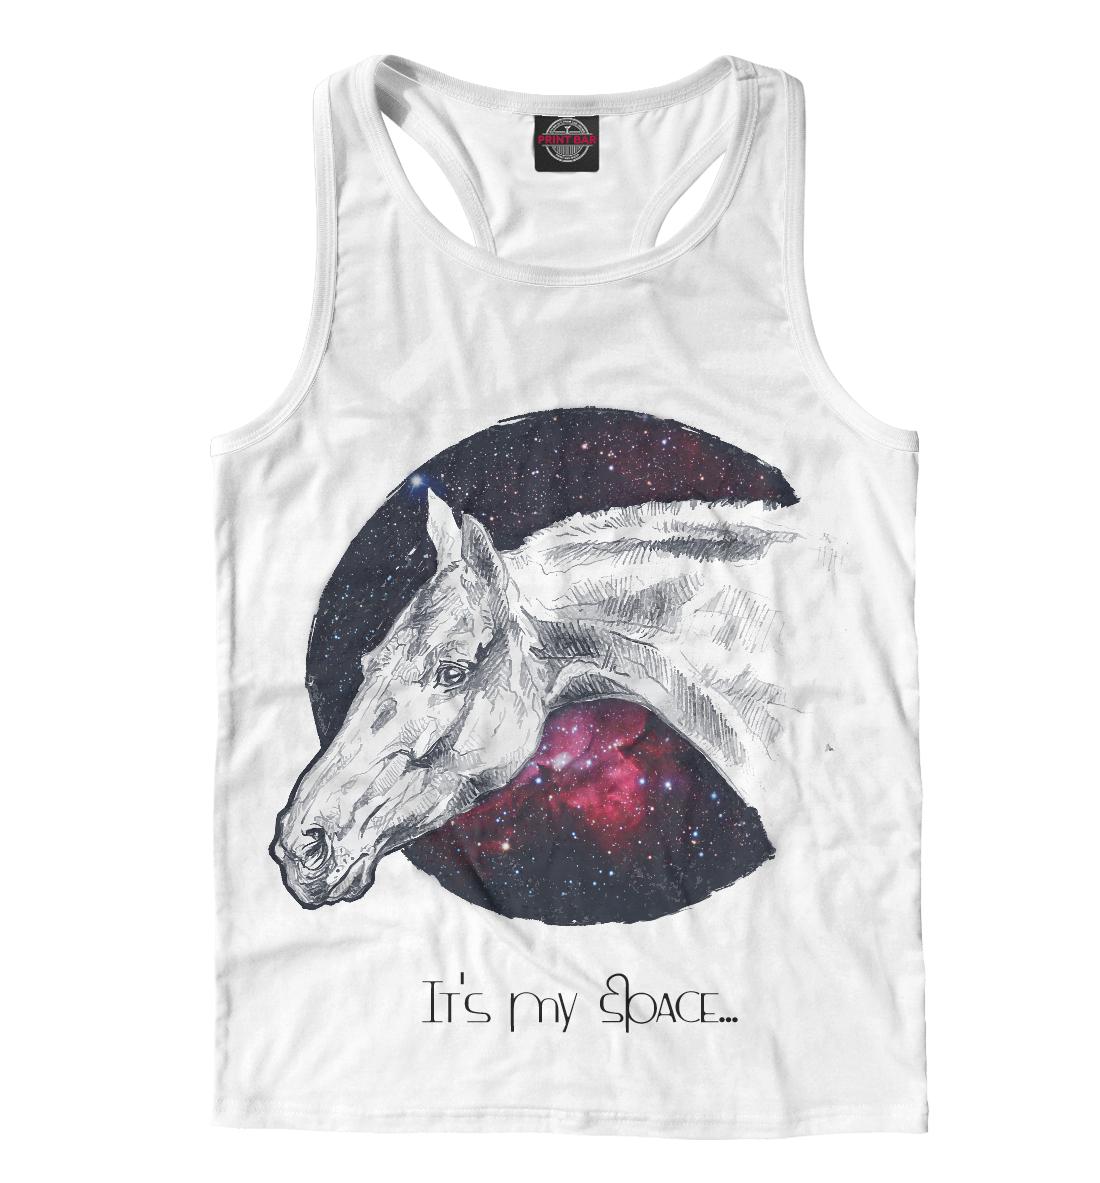 Купить Мой космос - лошади, Printbar, Майки борцовки, LOS-994026-mayb-2